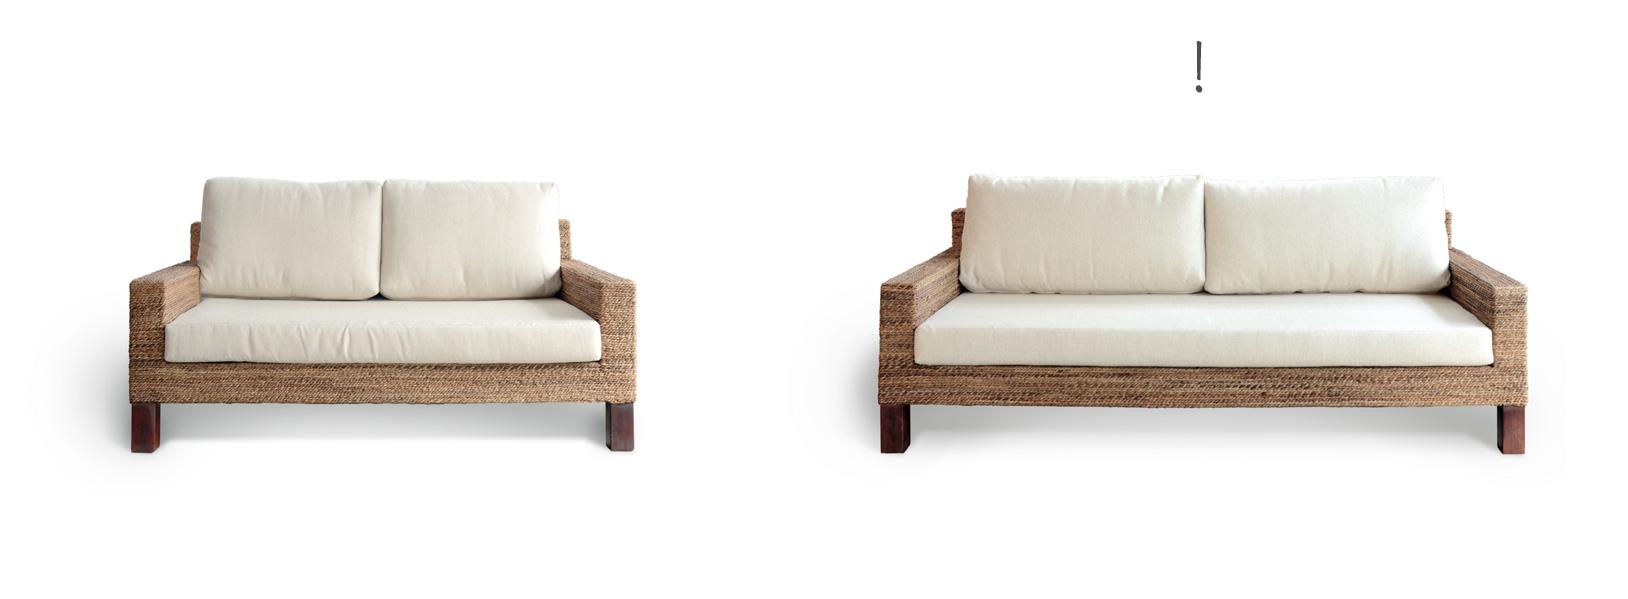 アジアン家具KAJAソファのサイズ